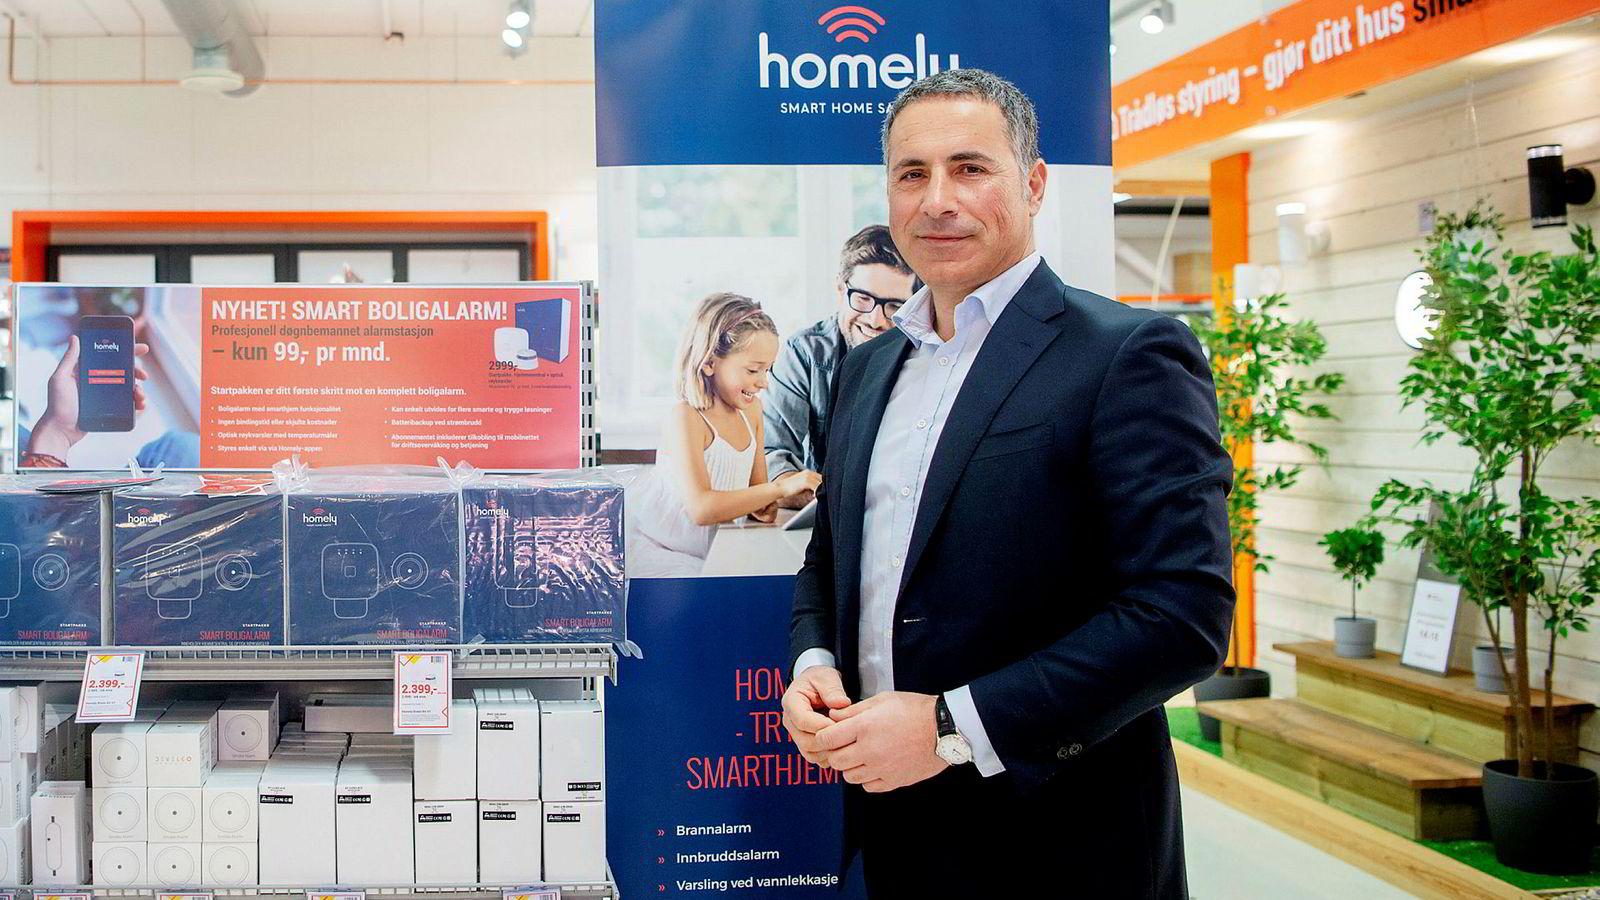 Elektroimportøren og mobilgründer Nadir Nalbant gikk i våres hardt ut mot samarbeid mellom Verisure og Sector Alarm.